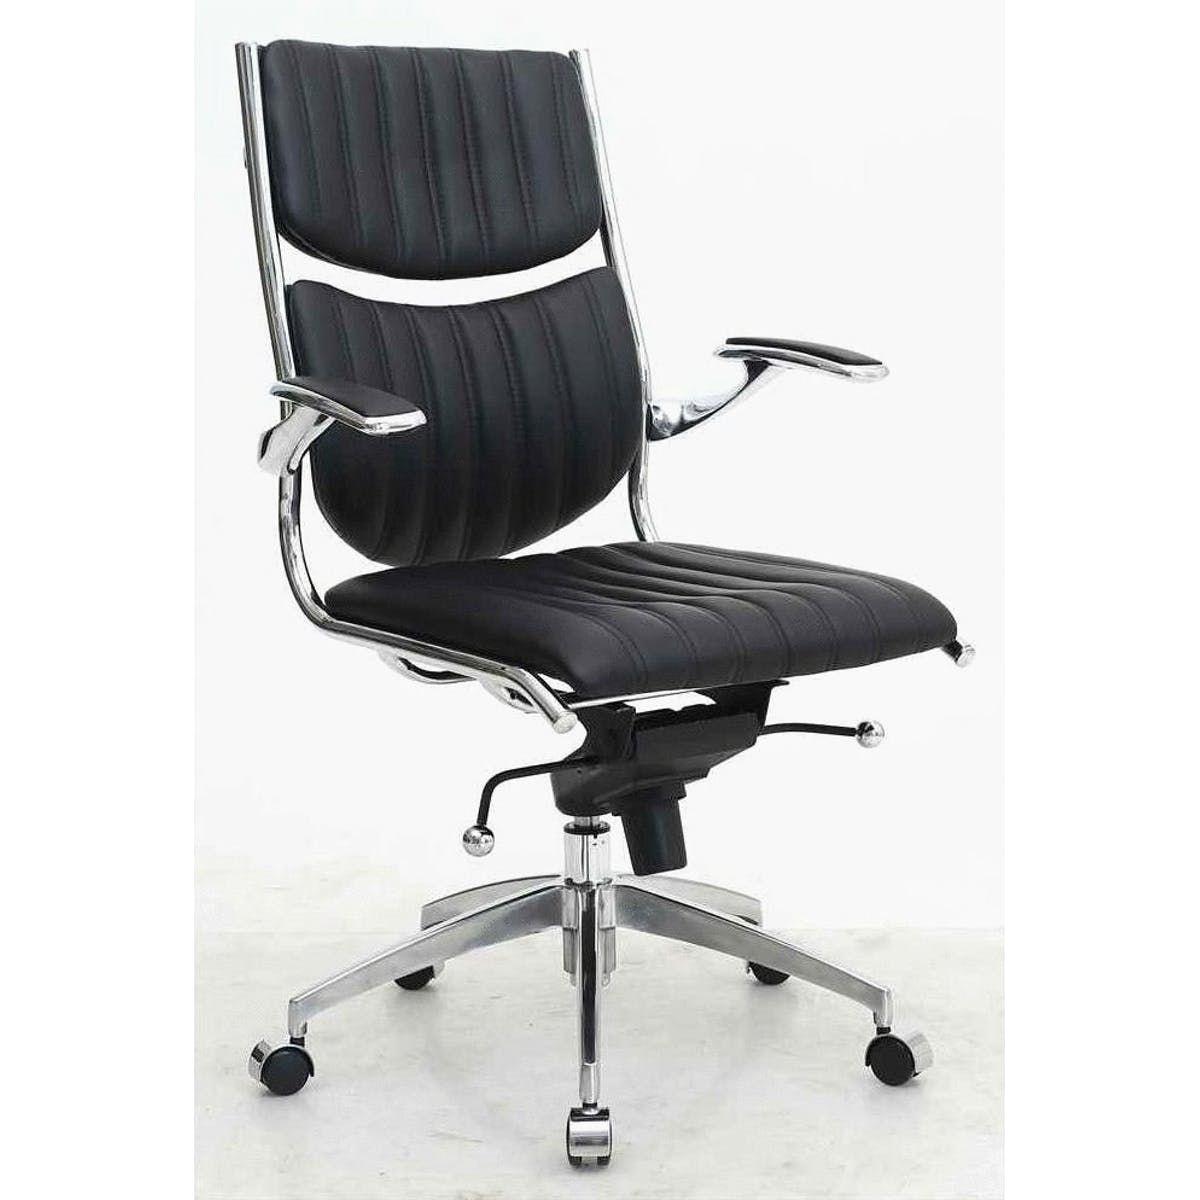 Pin On Chairs Modish